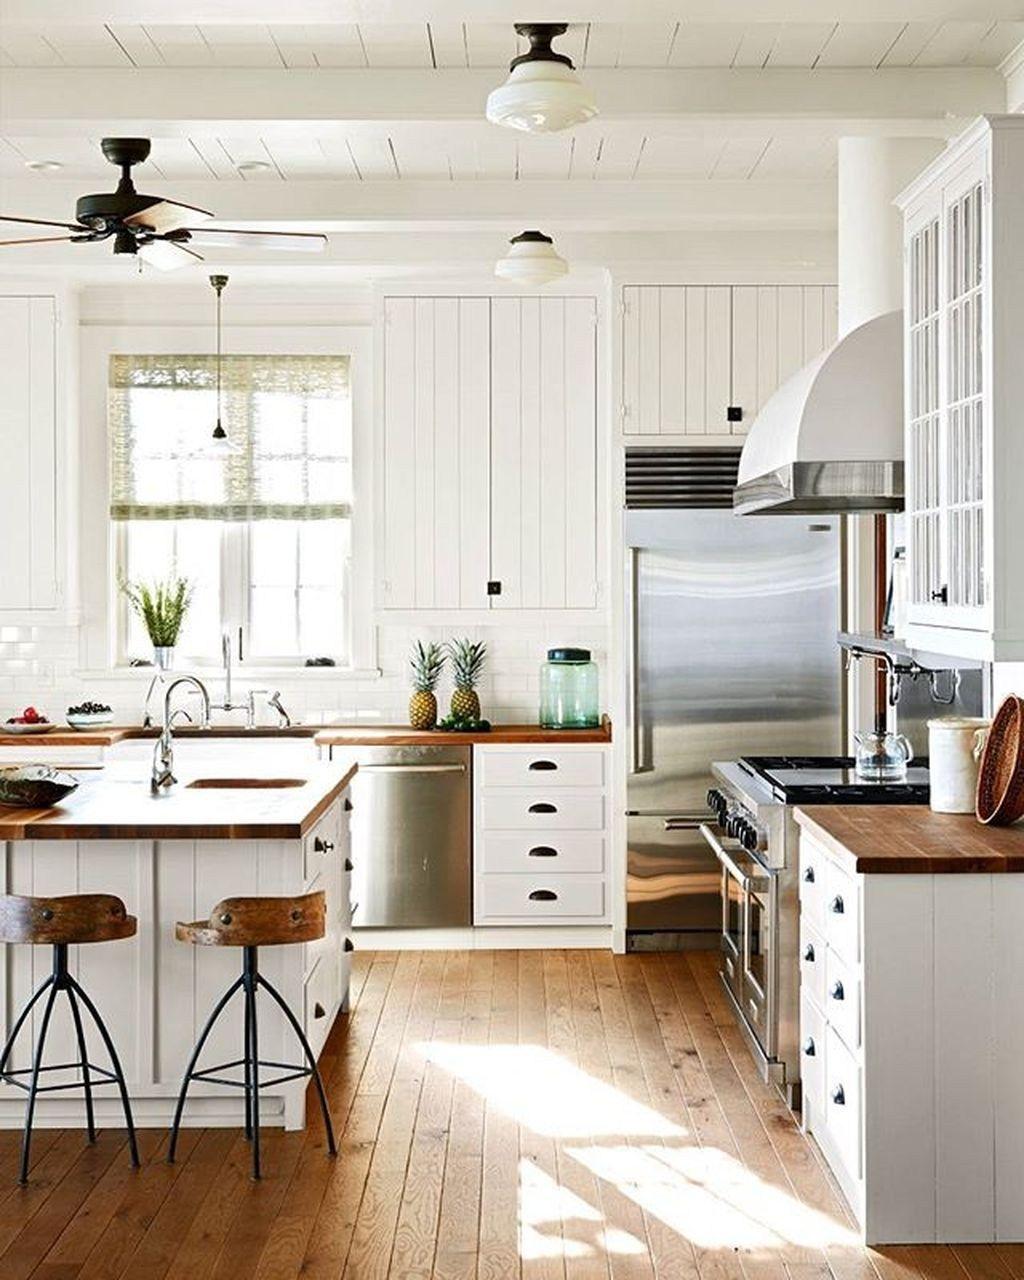 Adorable Traditional White Farmhouse Kitchens Ideas 08